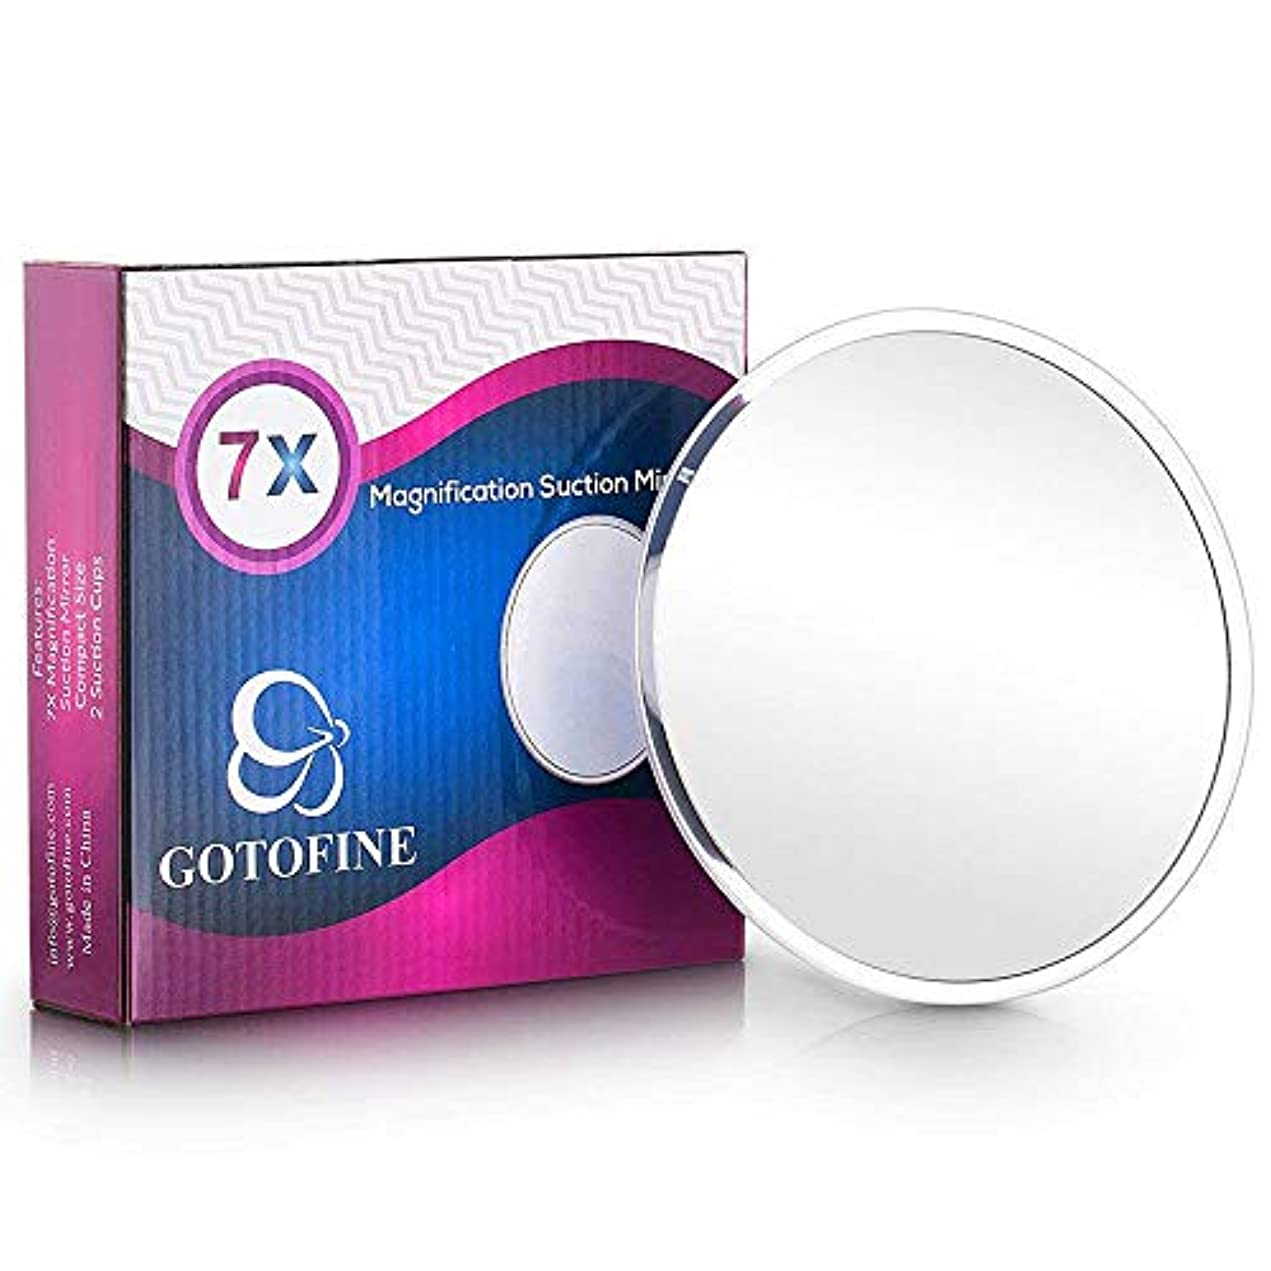 保険をかける持続的ヒギンズGotofine 化粧鏡 7倍 メイクミラー 風呂鏡 吸盤付き 浴室鏡 化粧ミラー 女優ミラー 円形 壁掛け式 …